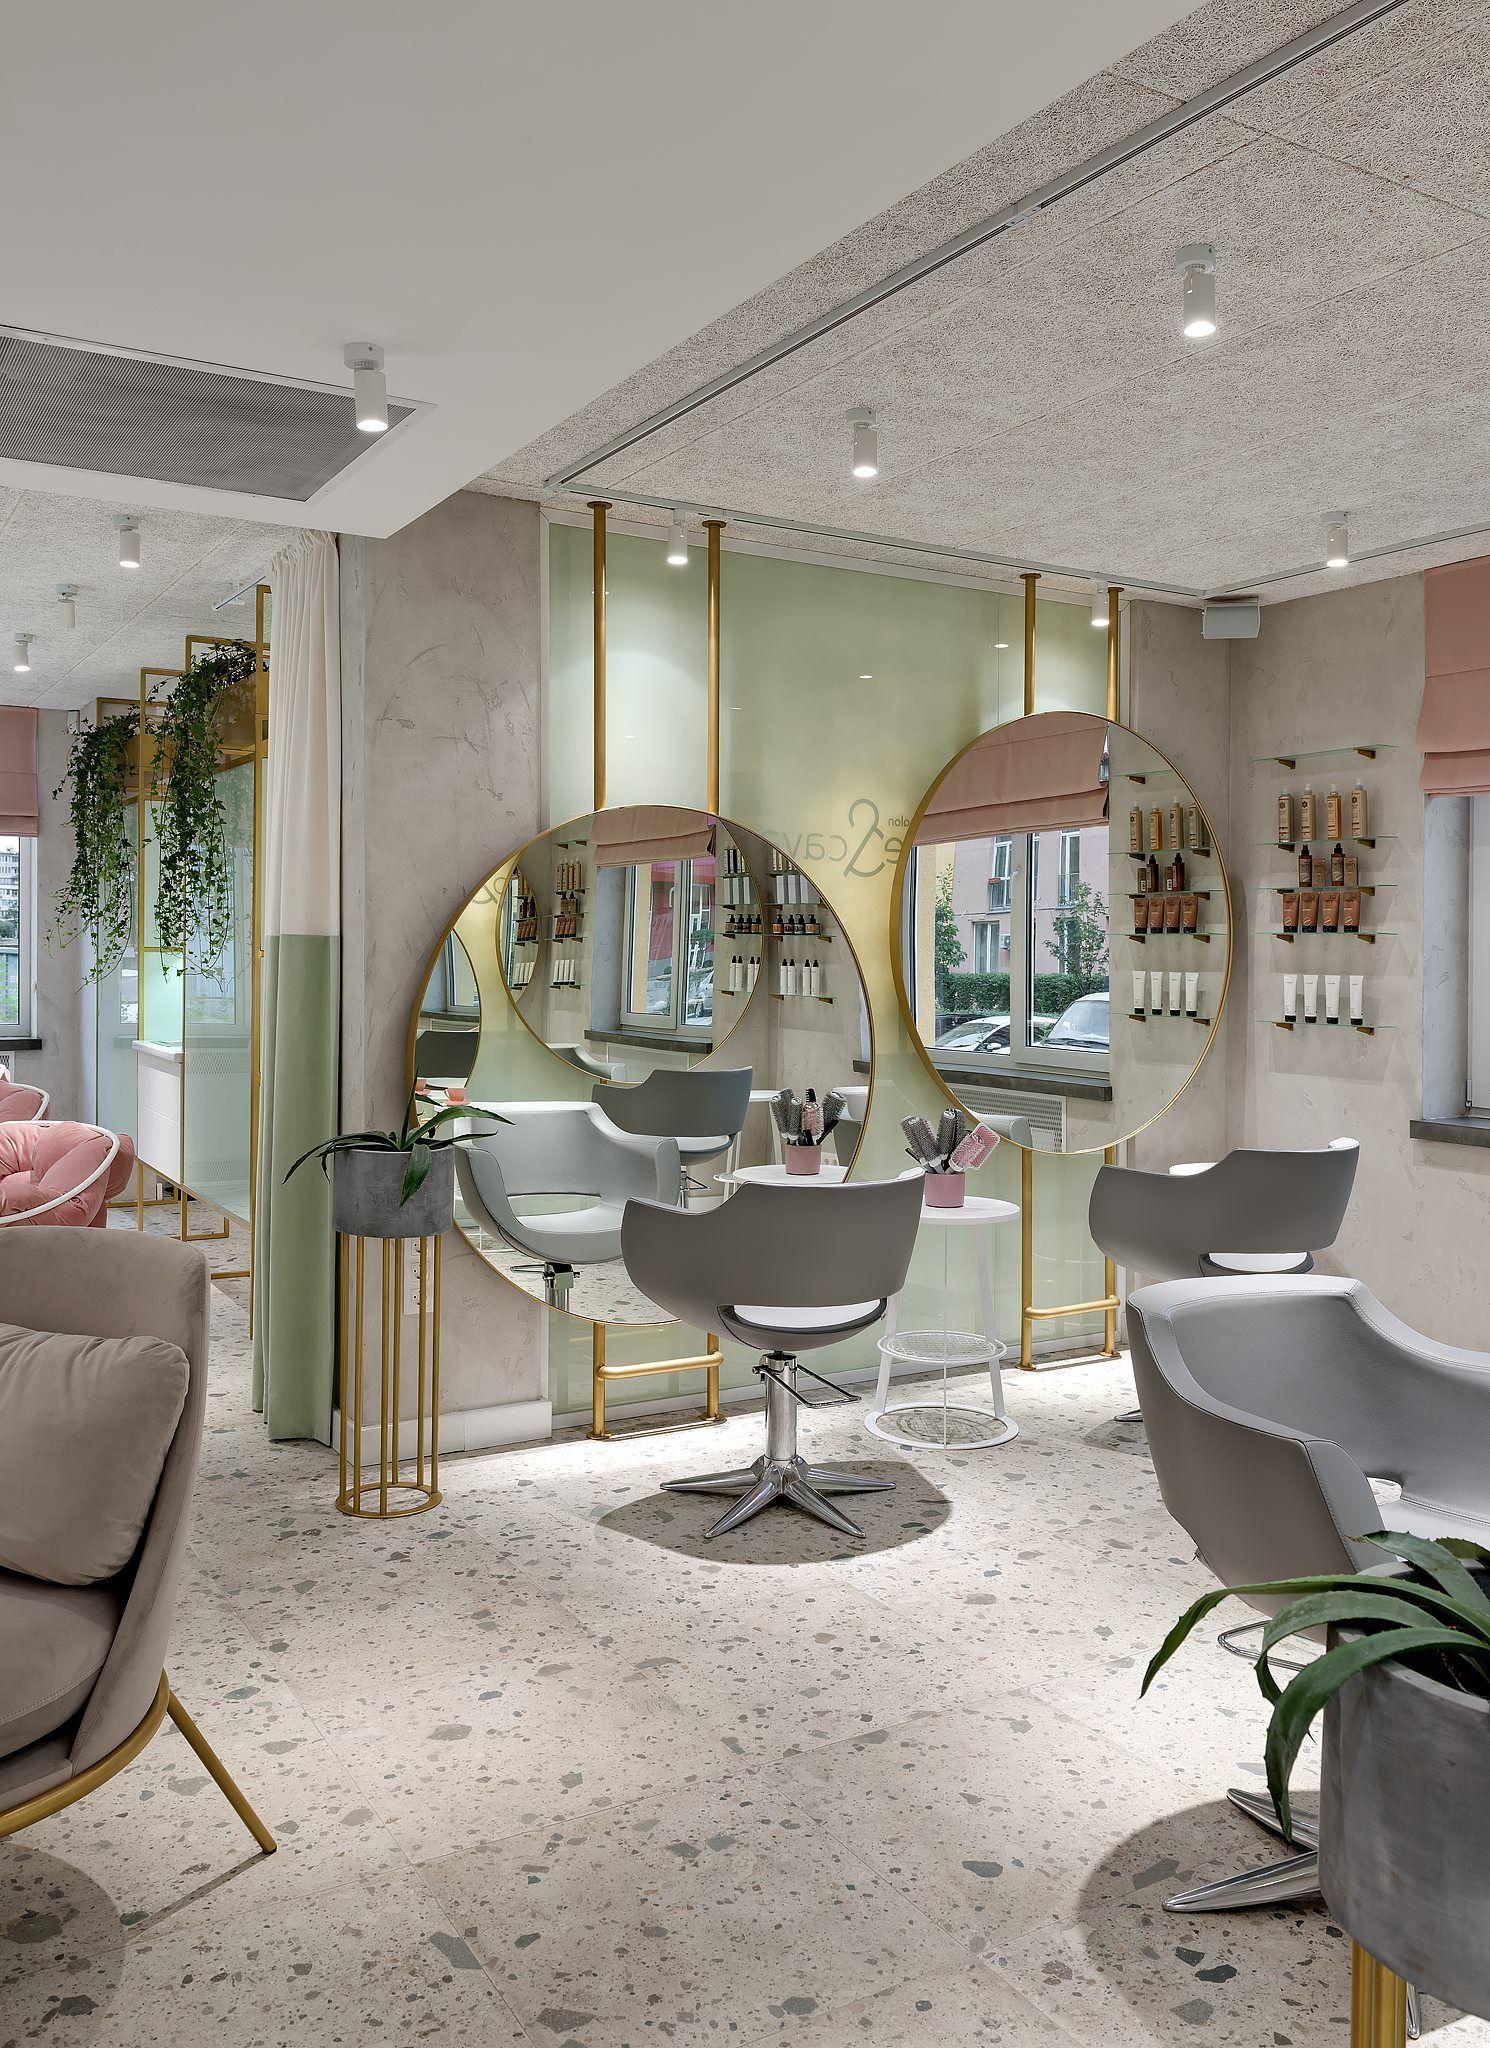 Beauty bar beauty bar en 2019 nail salon spa beauty salon design et beauty salon decor - Bar salon design ...